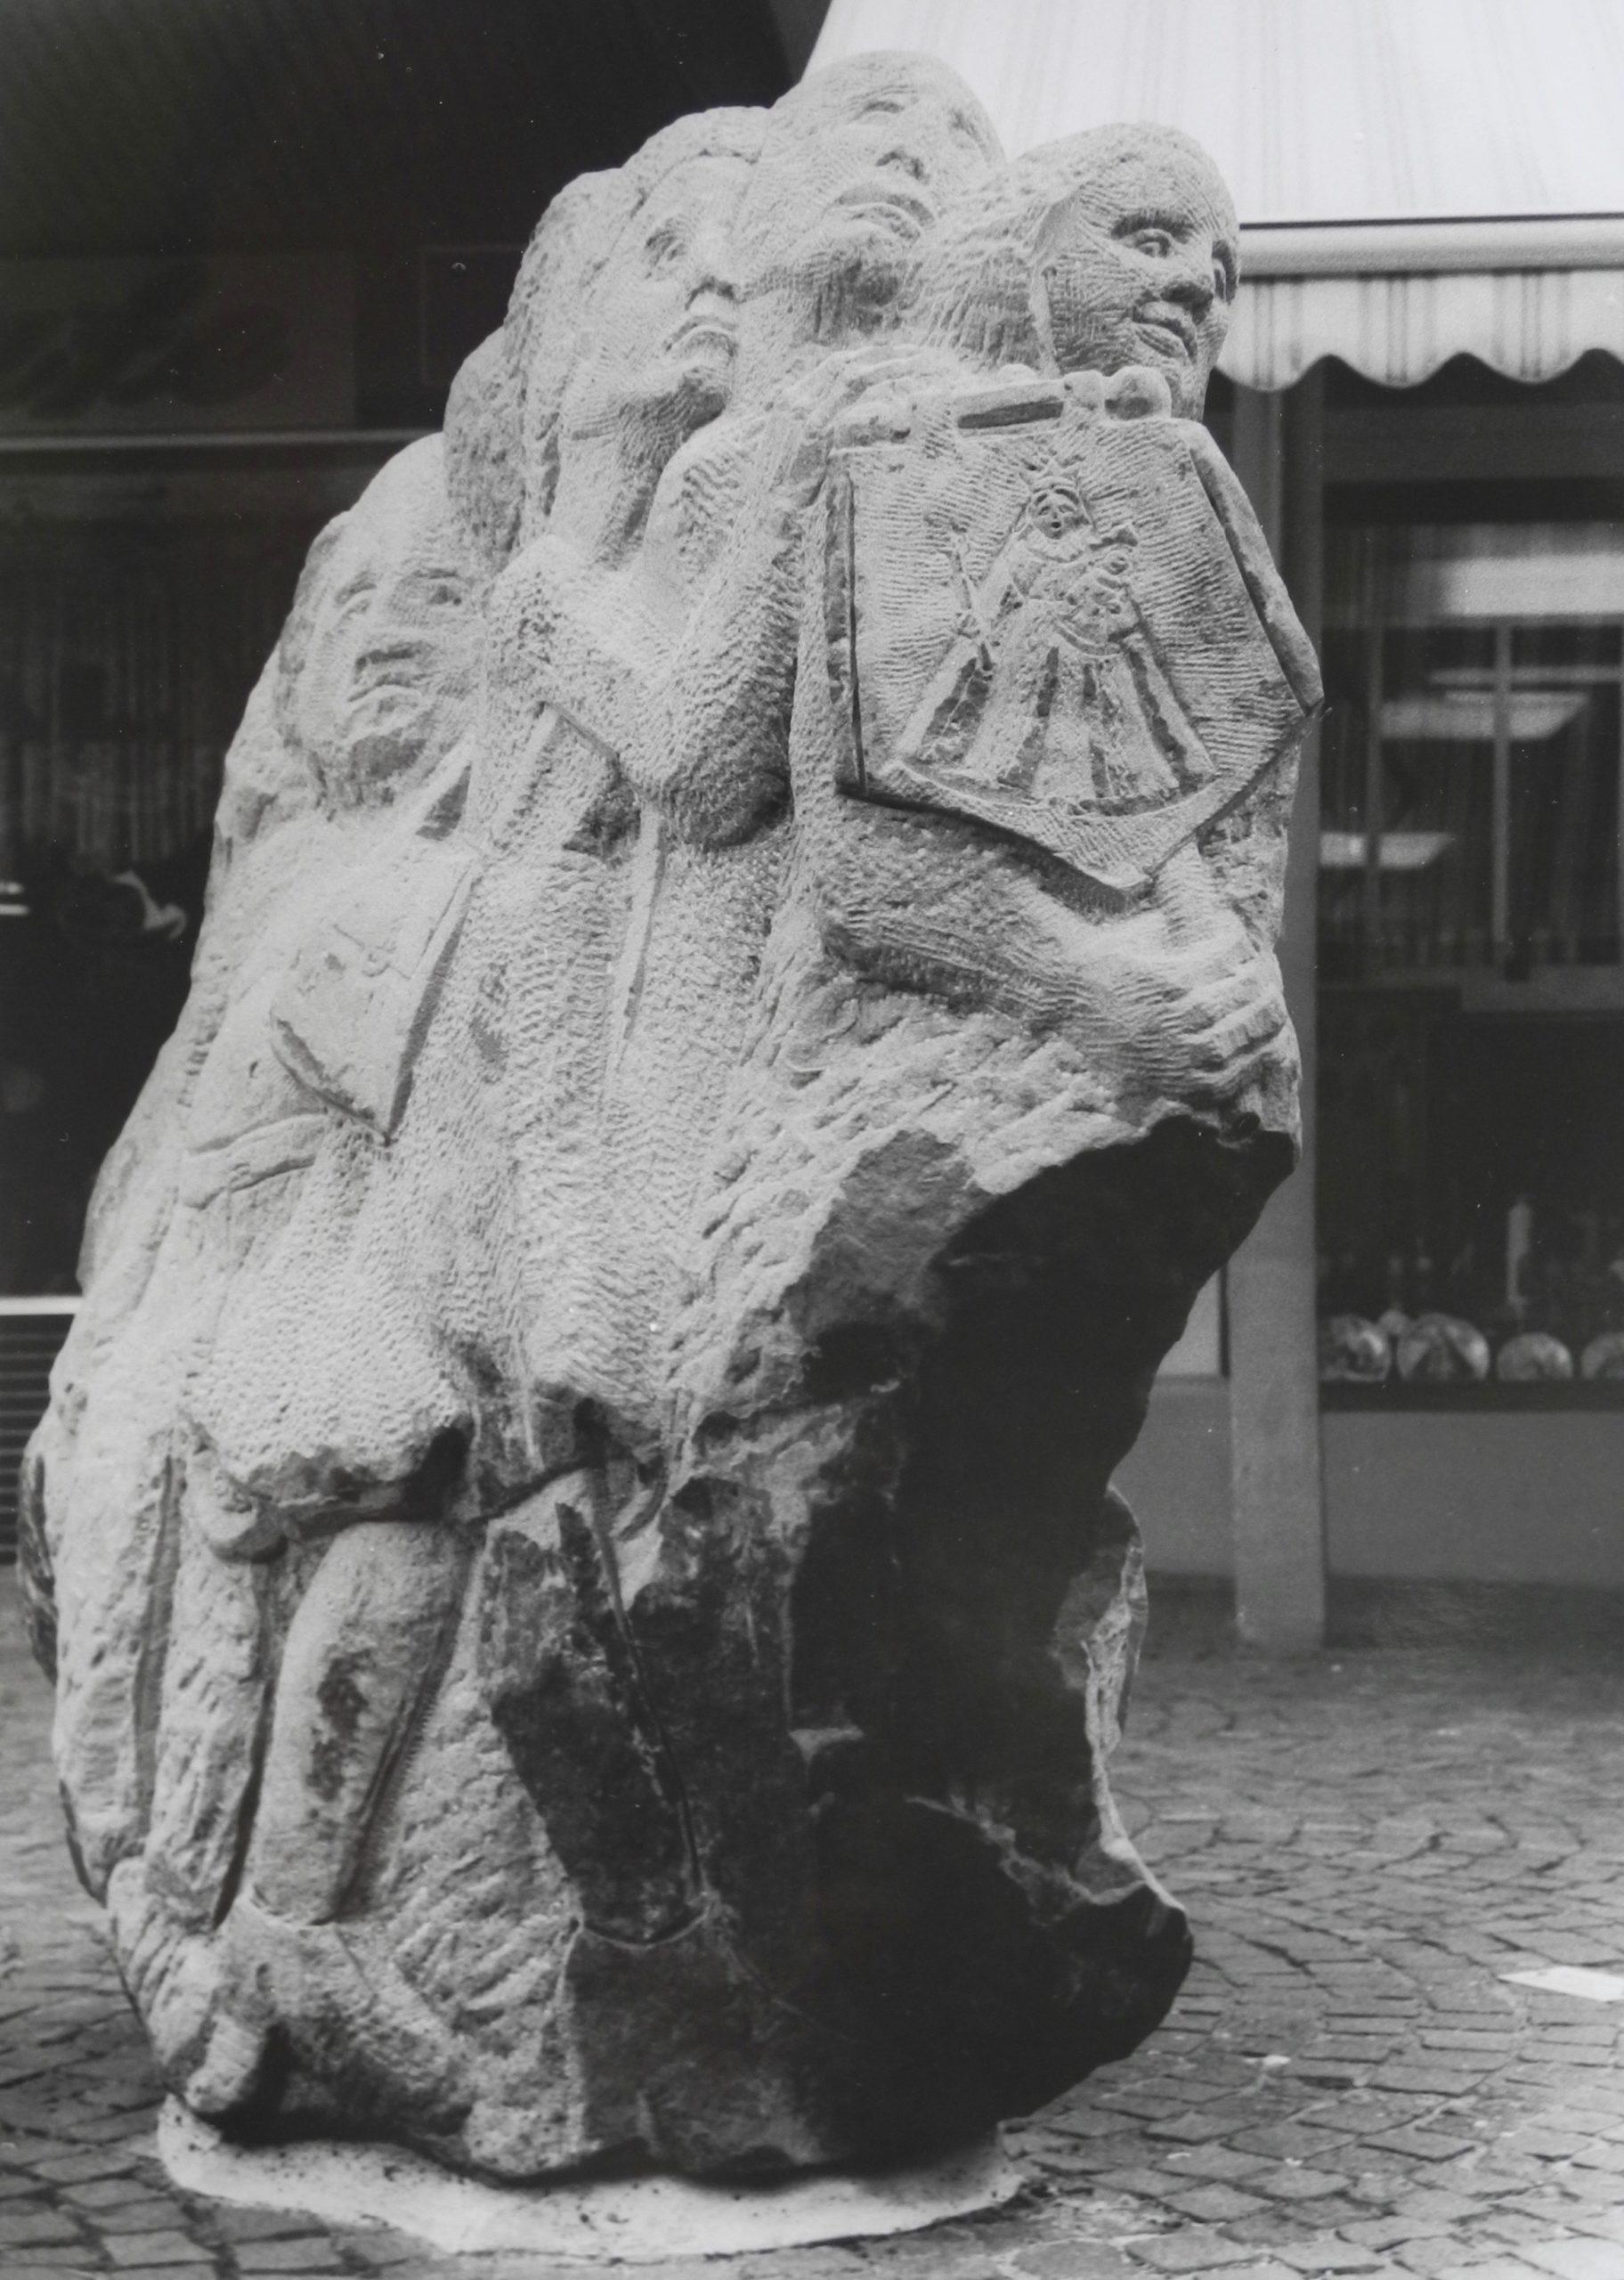 Die Pilgergesellschaft, Kevelaer, Kapellenplatz, Sandstein, 165/110/40, 2002